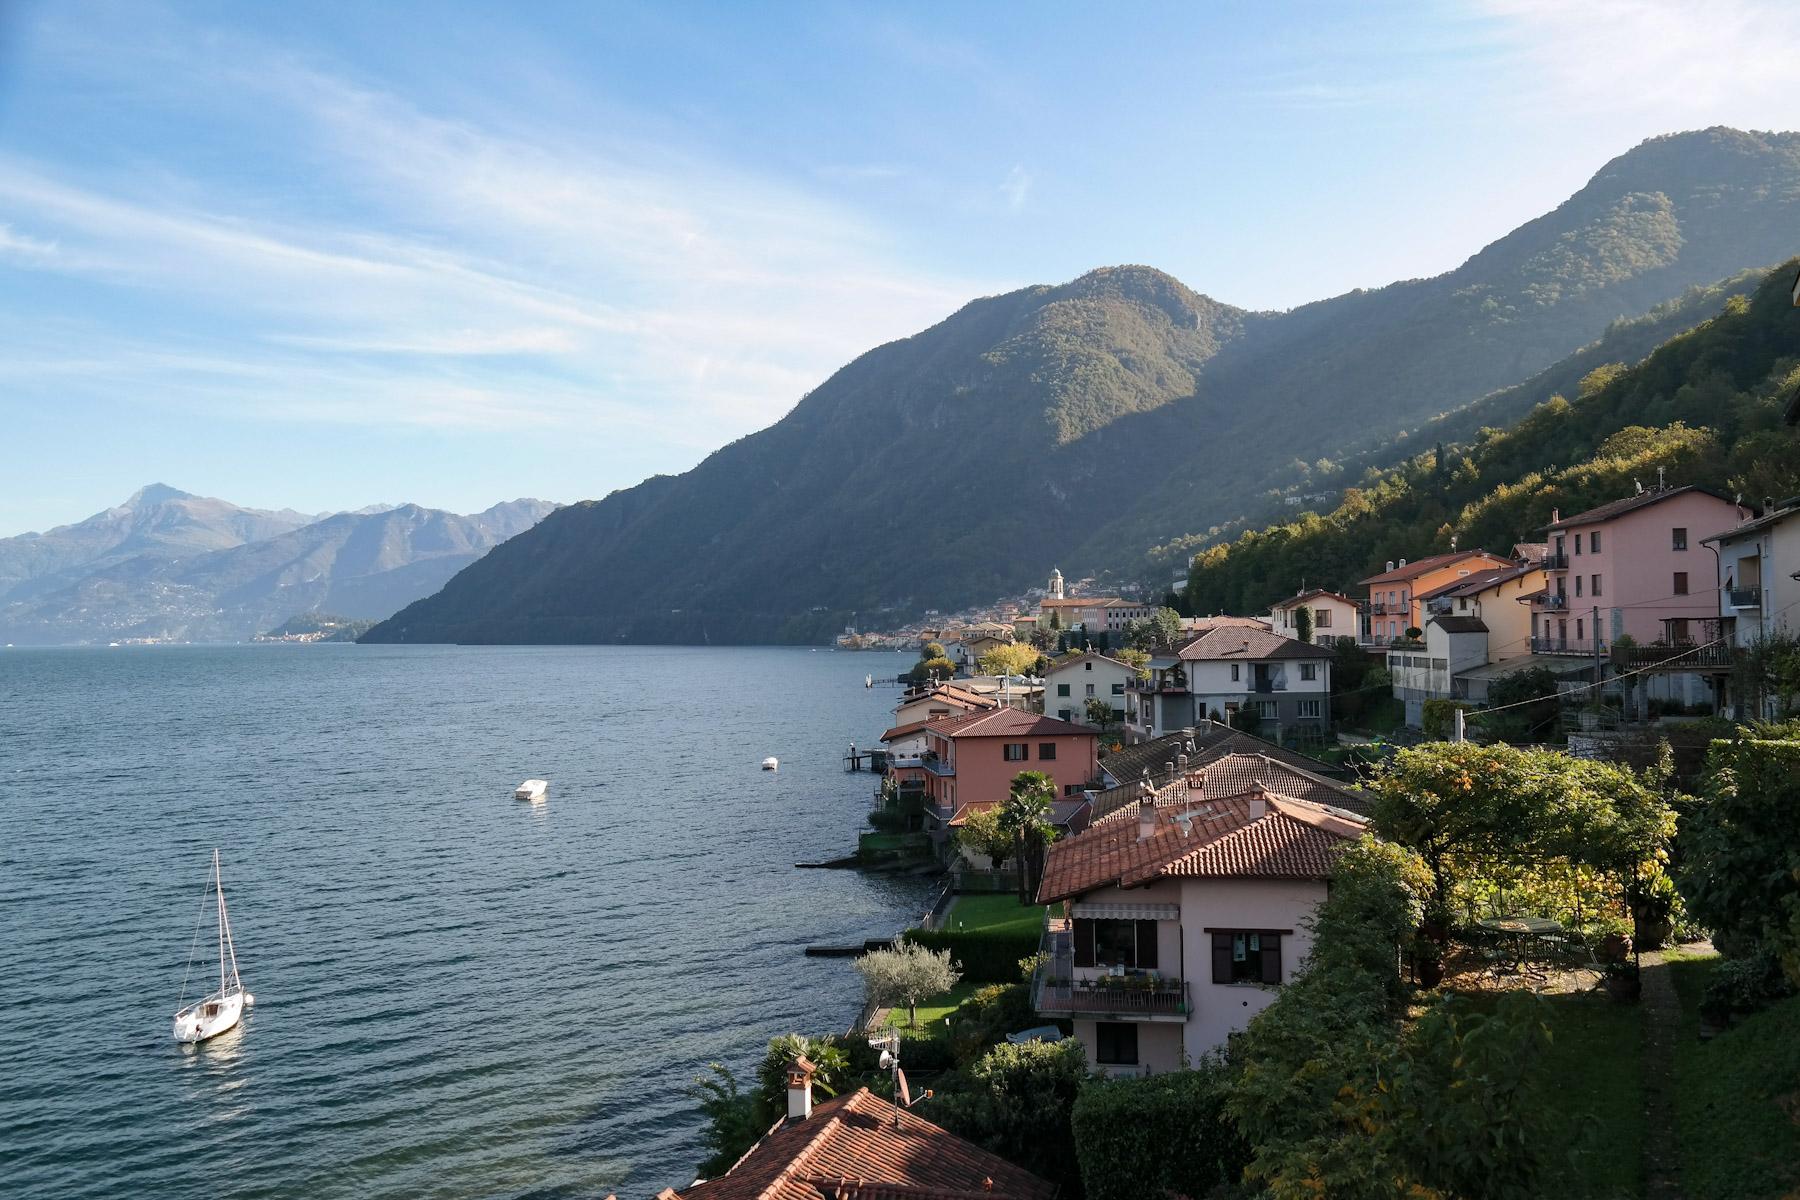 Room with a View at Filario Hotel on Lake Como, Lezzeno, Italy